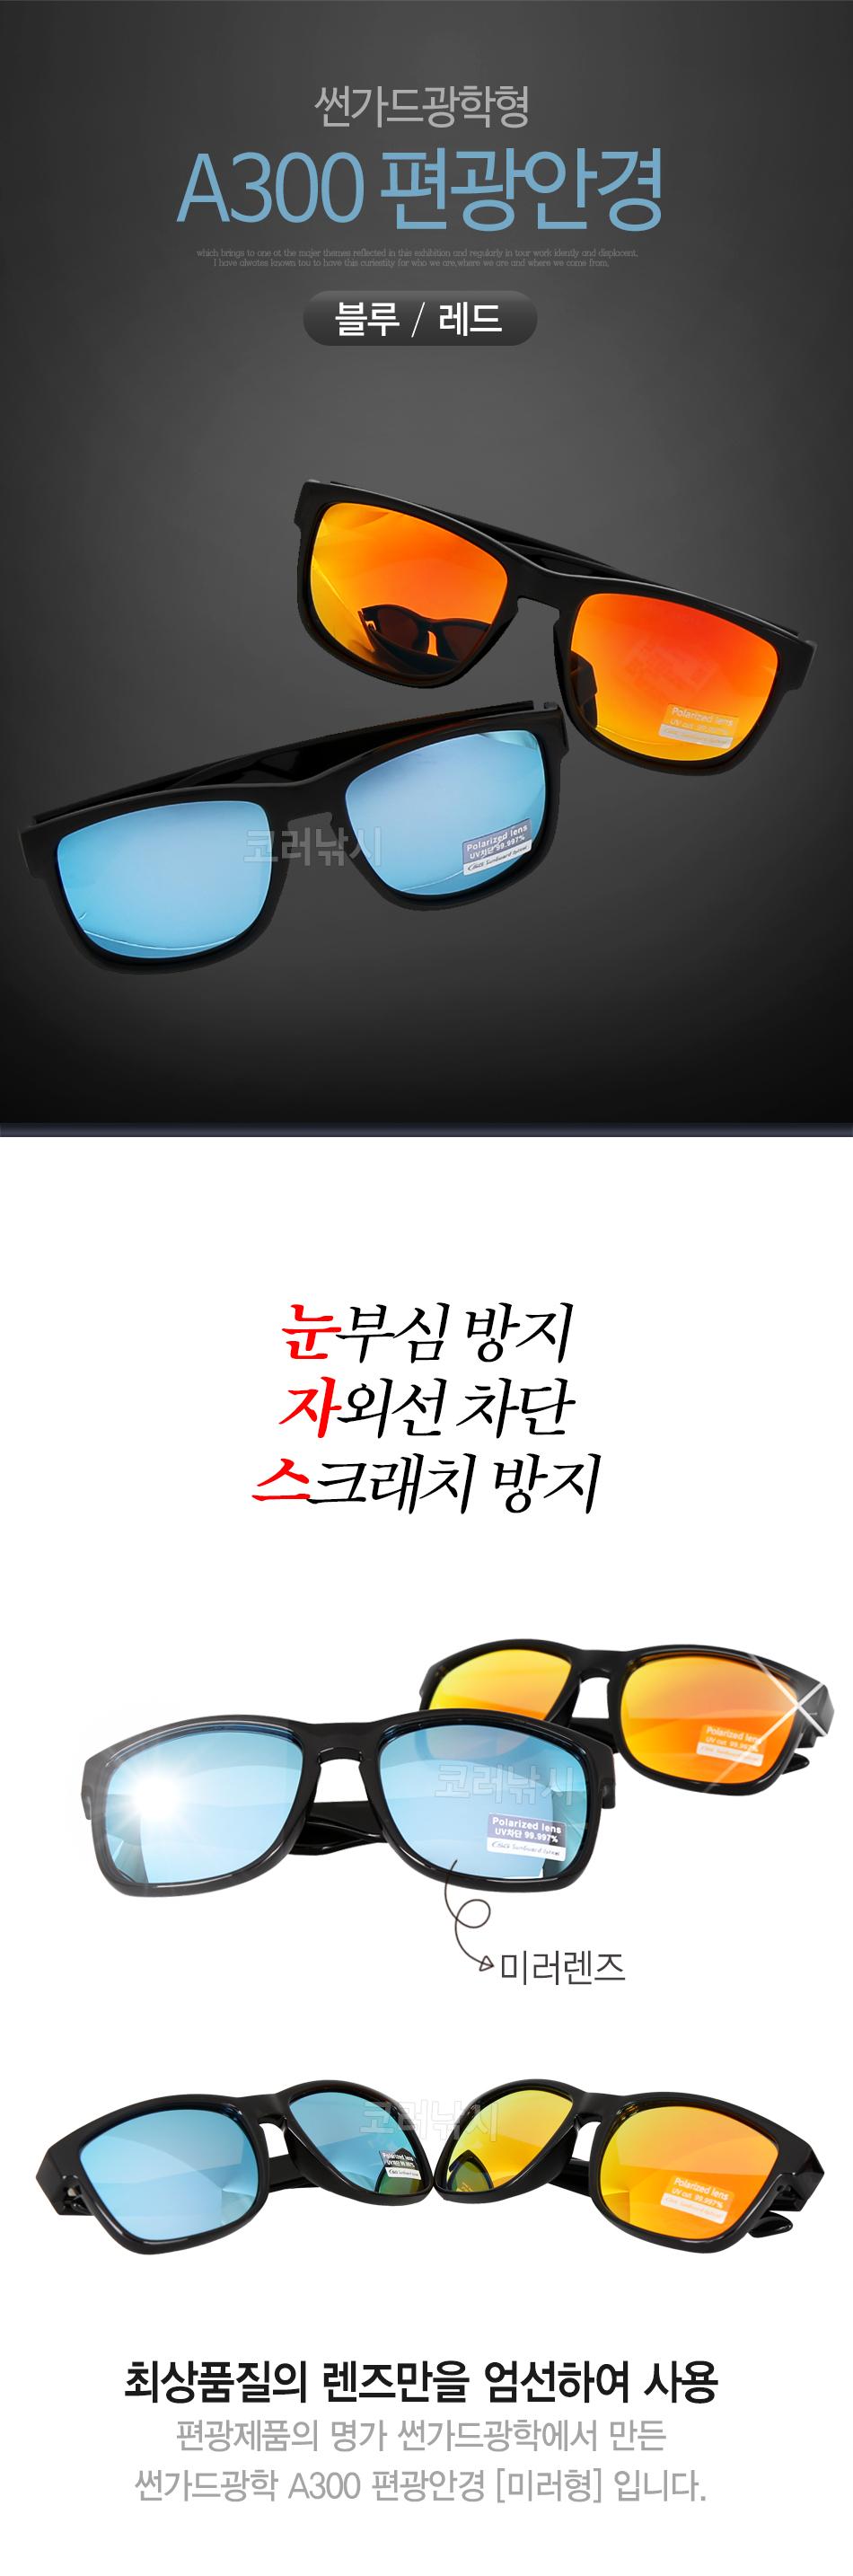 썬가드광학 A300 편광안경 [미러형] 선글라스 썬글라스 편광선글라스 편광썬글라스 편광 스포츠안경